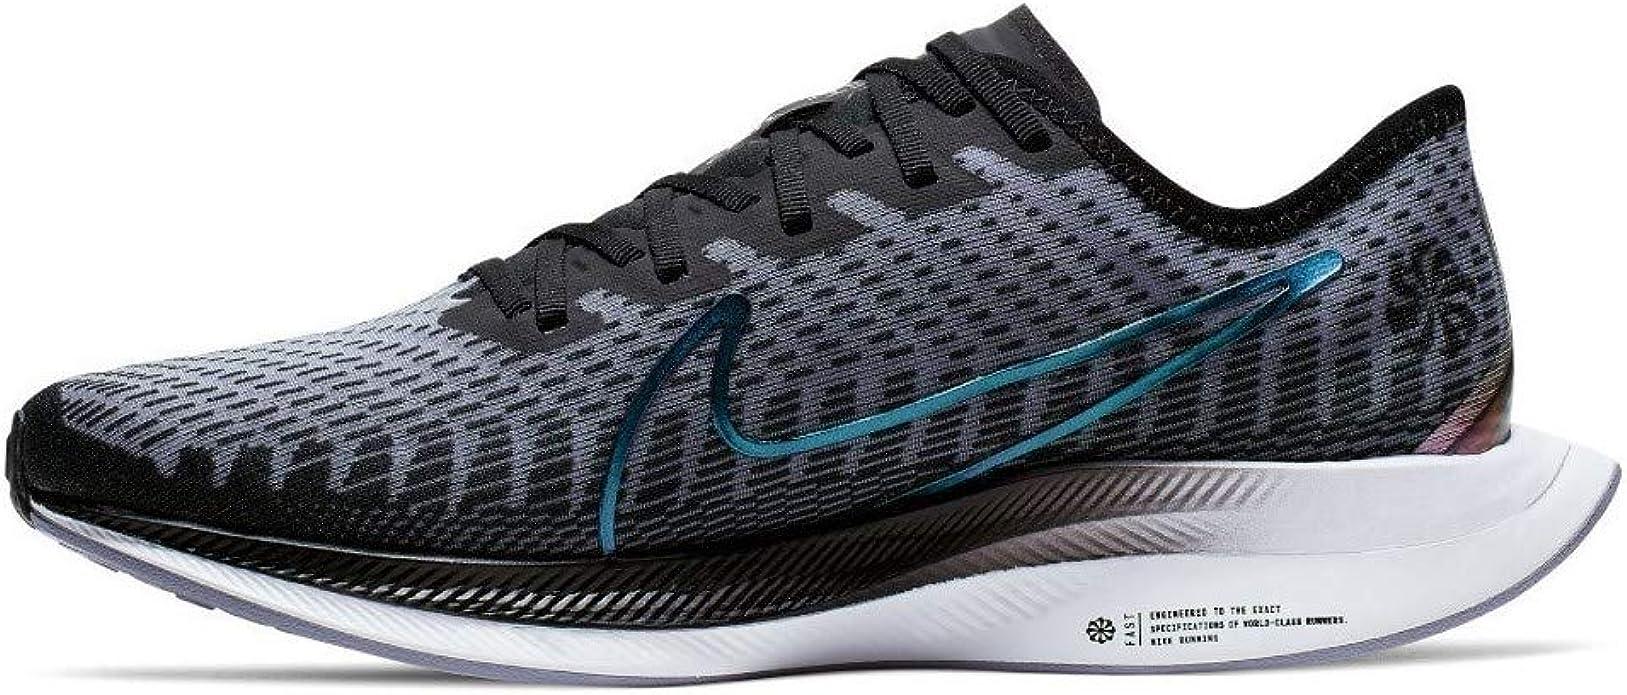 Nike Zoom Pegasus Turbo 2 Rise - Zapatillas de running para mujer, Negro (Negro/Azul marino/Gris), 36 EU: Amazon.es: Zapatos y complementos